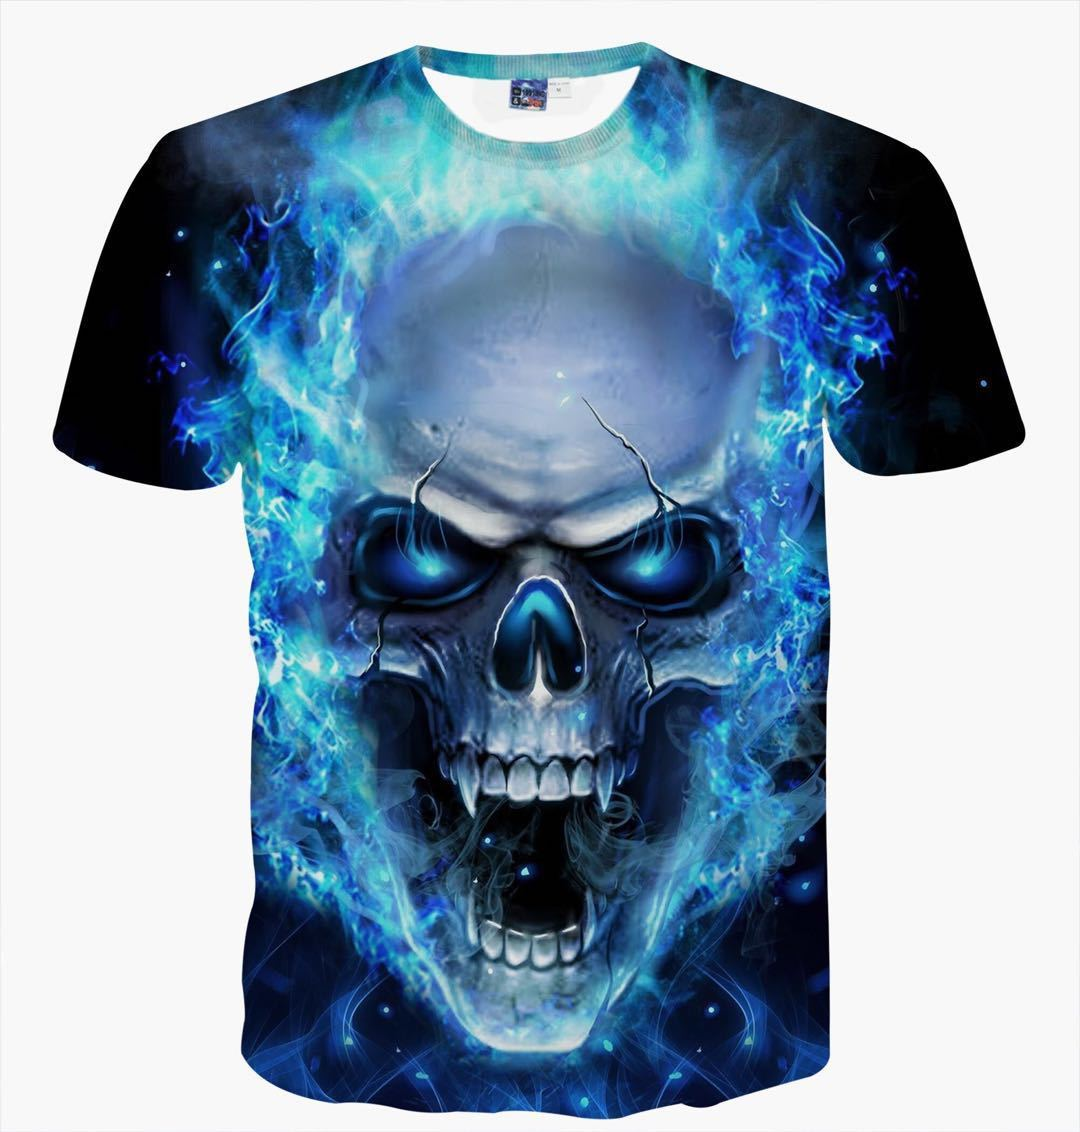 メンズ服t tシャツオムシャツ女性男性短いスリーブ夏ヒップスター3dスカル男プリントtシャツtシャツトップスtシャツ